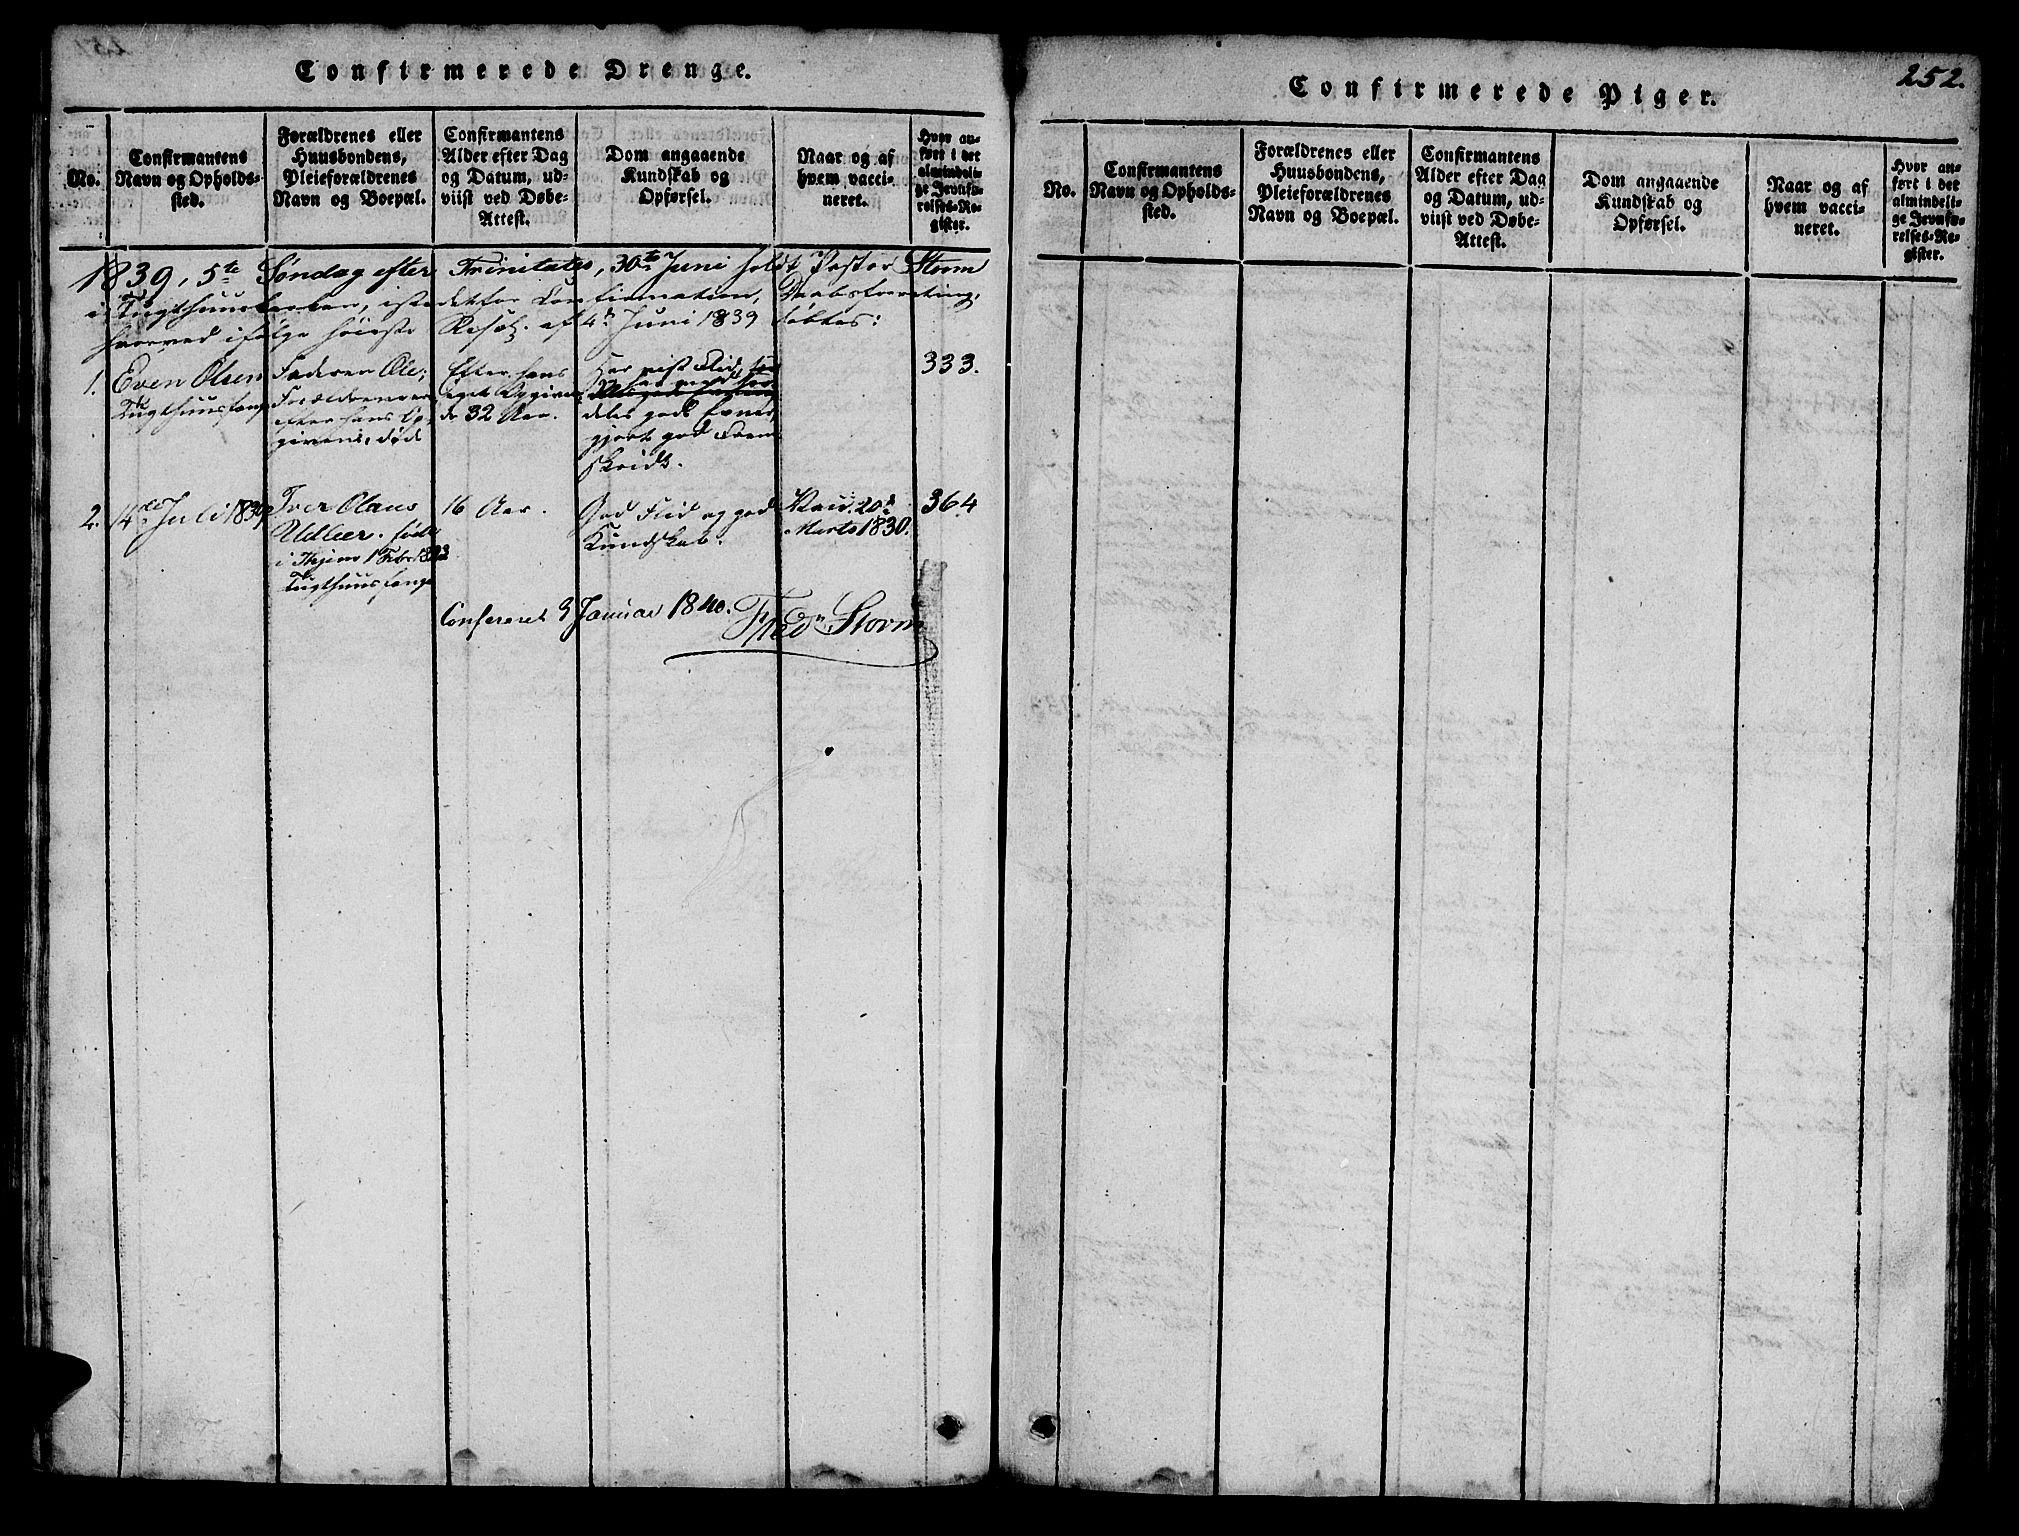 SAT, Ministerialprotokoller, klokkerbøker og fødselsregistre - Sør-Trøndelag, 623/L0478: Klokkerbok nr. 623C01, 1815-1873, s. 252